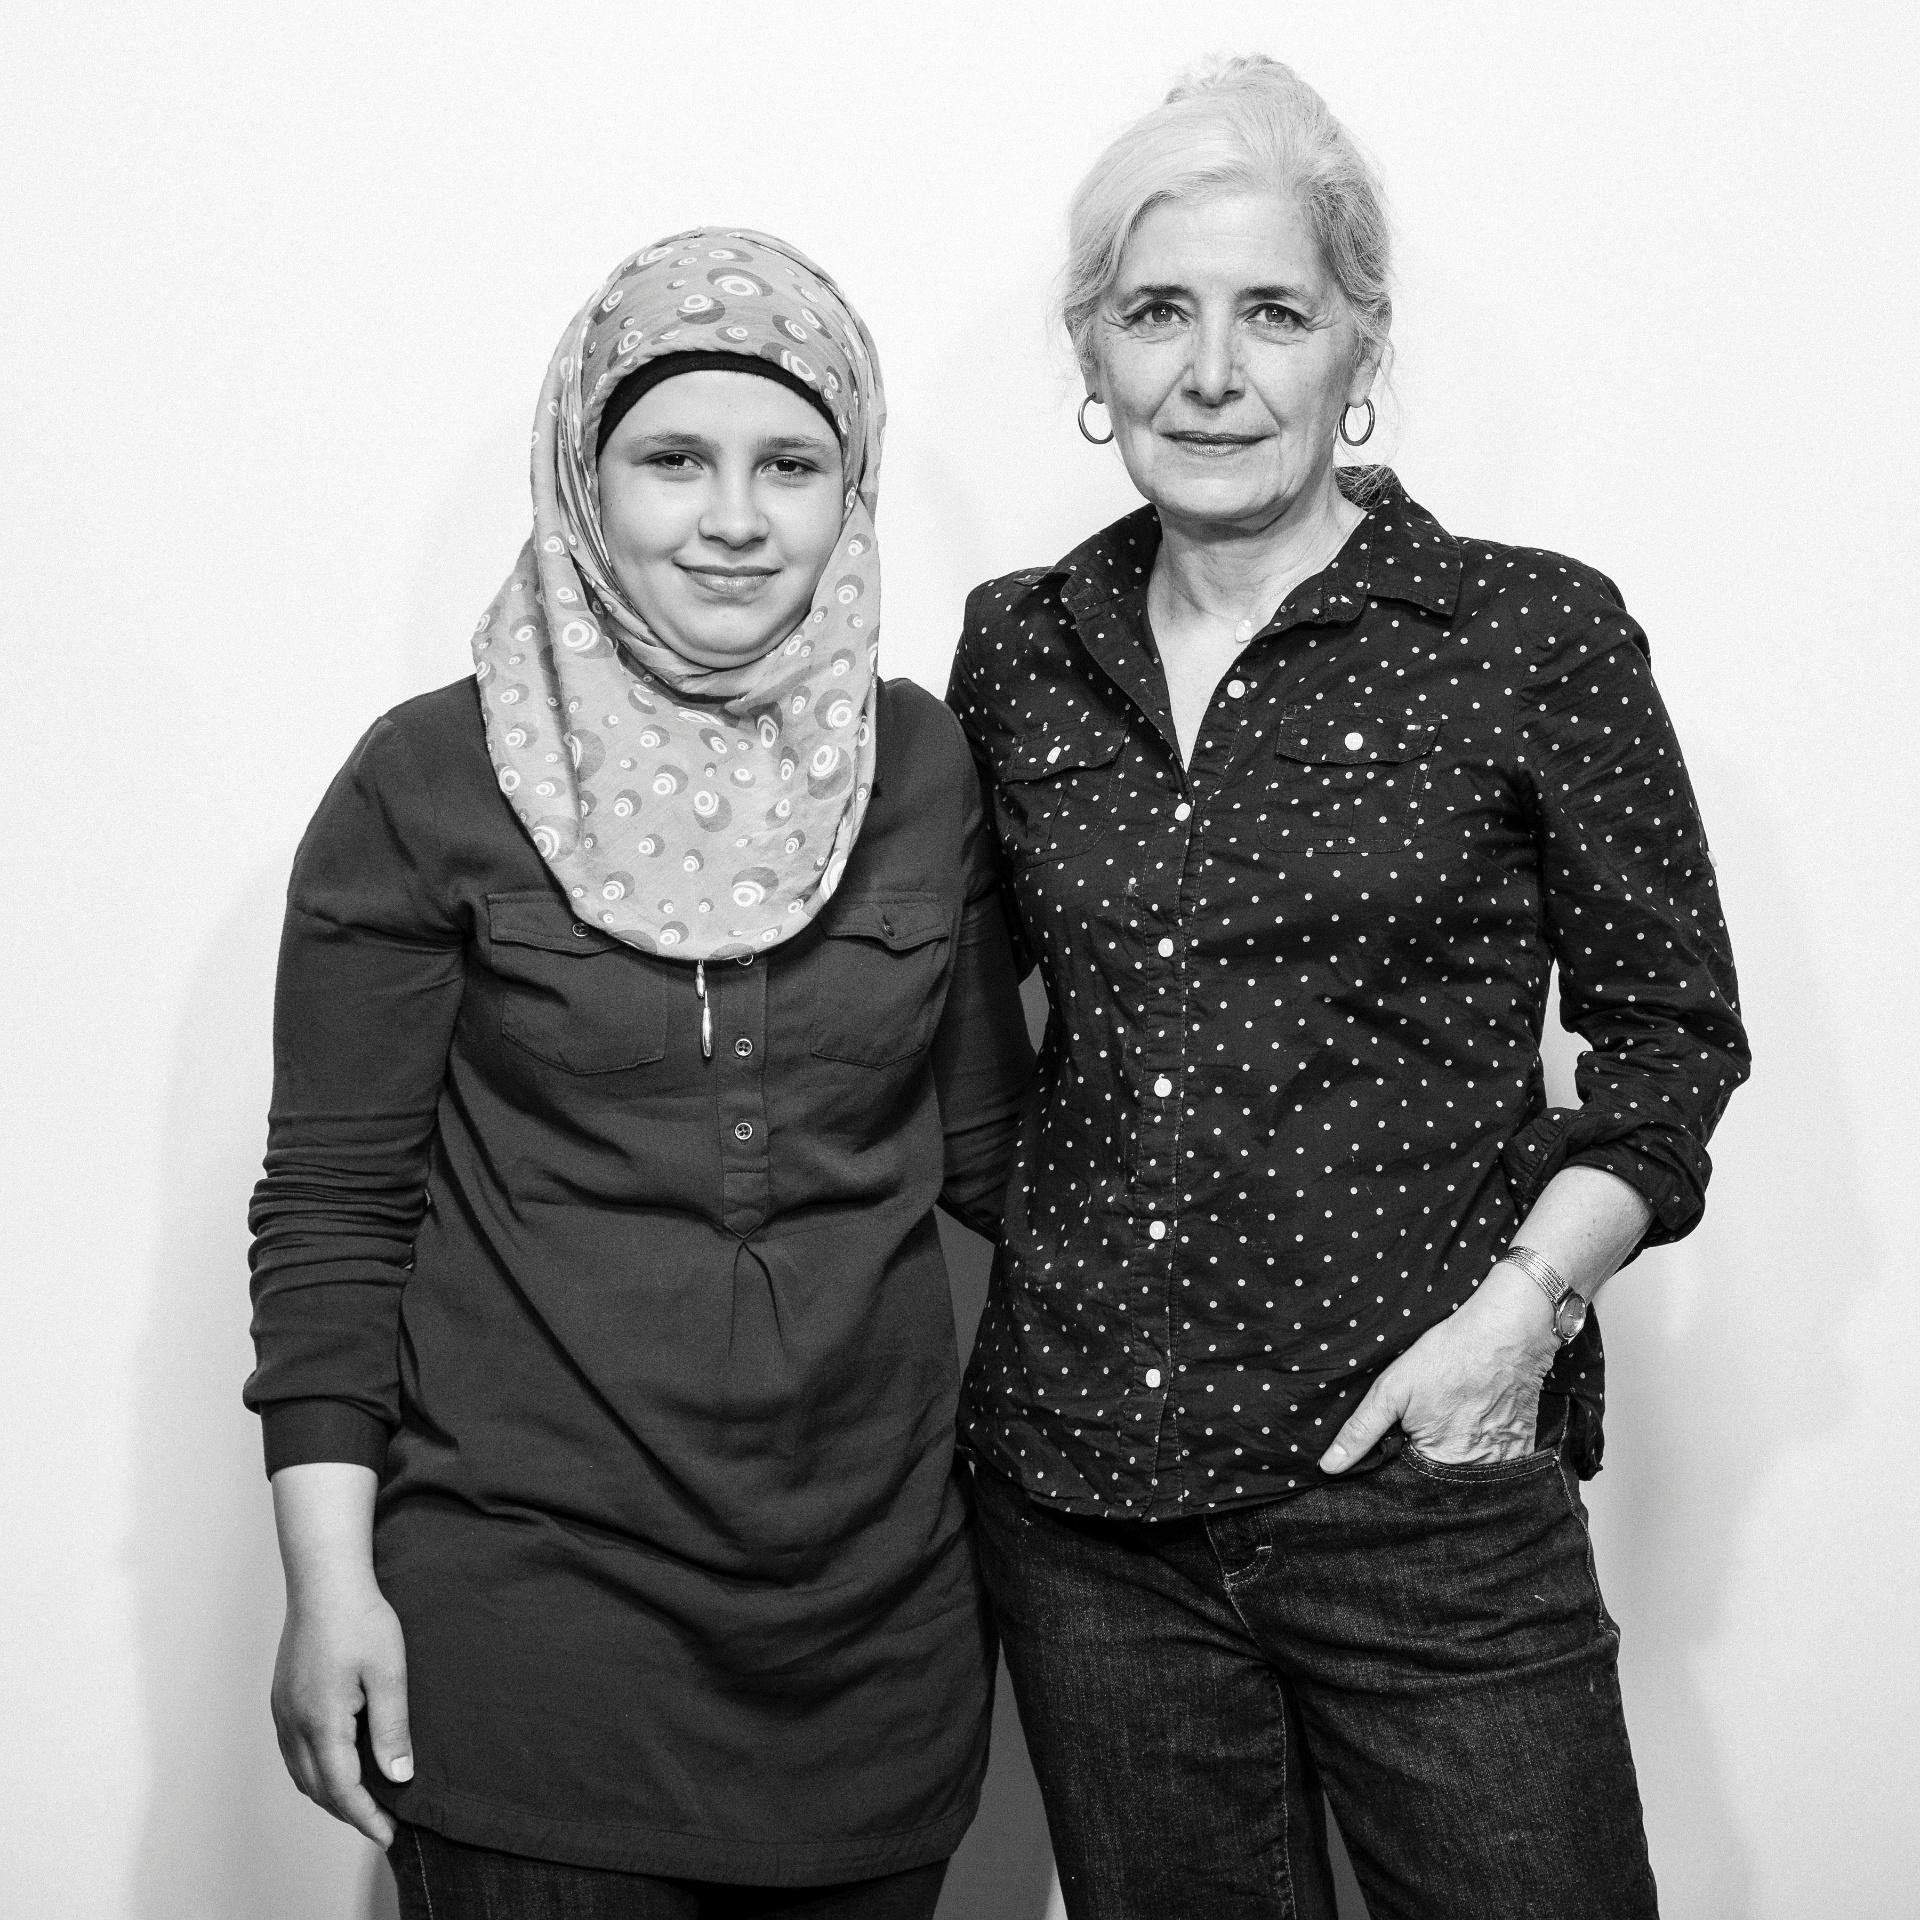 21.mai.2016 - Sawsan Ballani, que viajou da Jordânia com sua família, e a sua patrocinadora canadense Leslie Scrivener, em Toronto